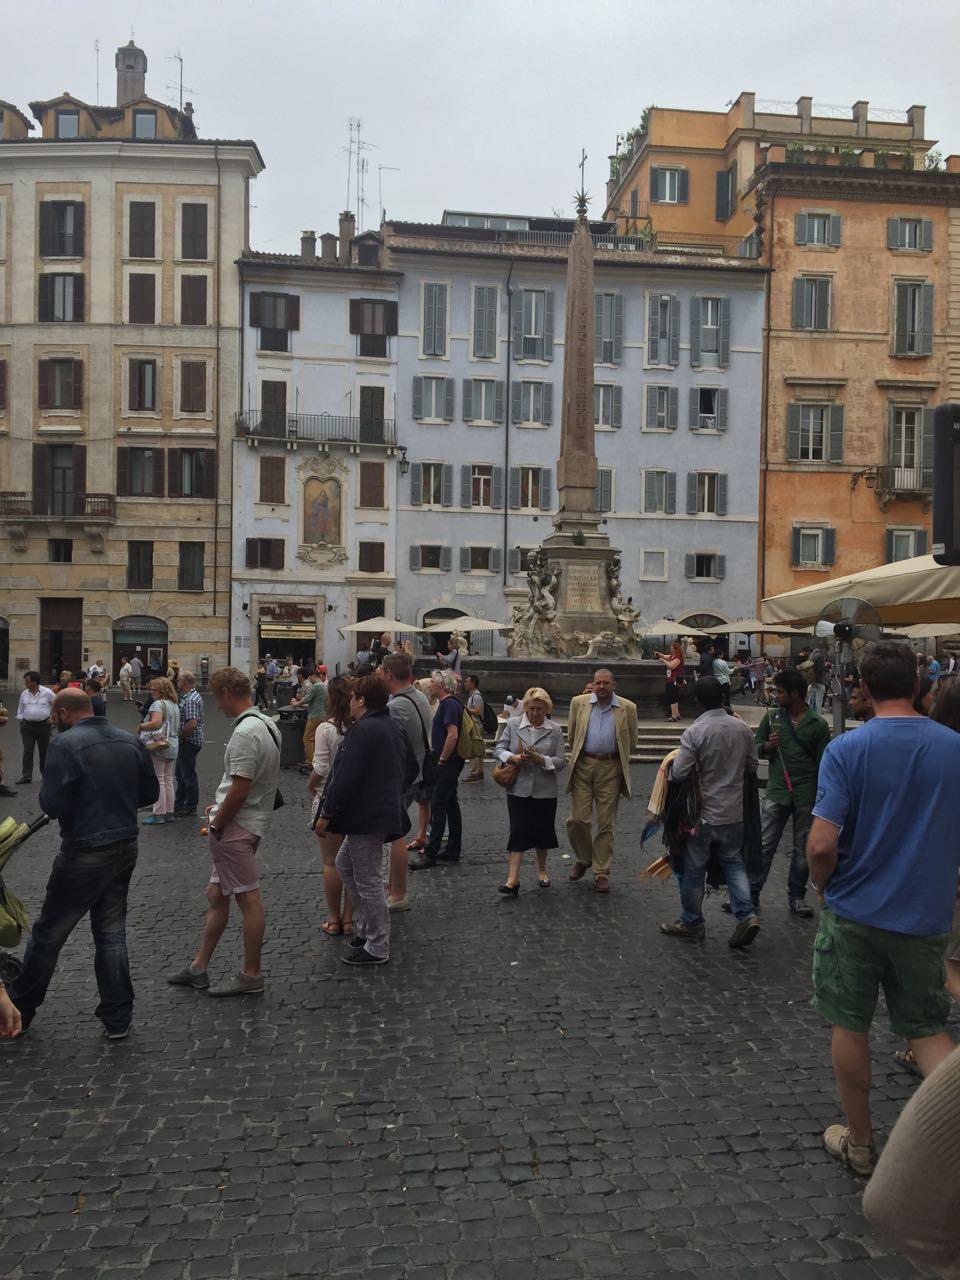 1FT Rome Italy - Campitelli - Lazio, May 20, 2015 - 35 of 75